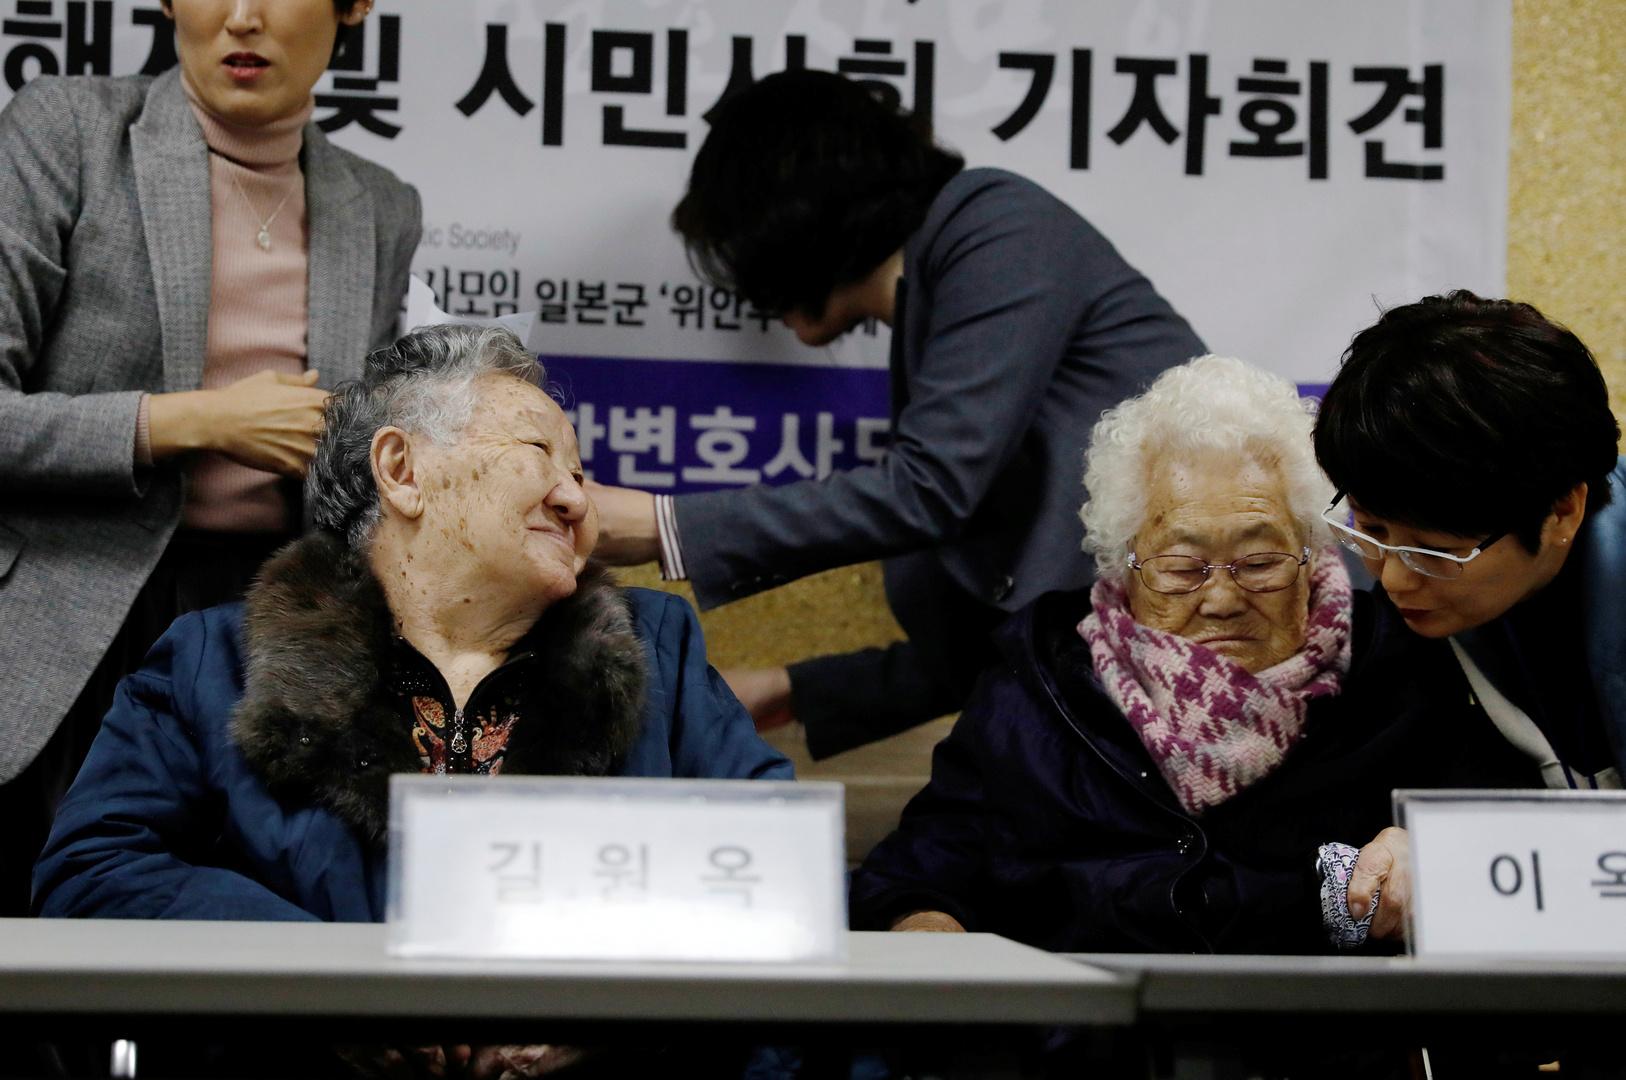 كوريا الجنوبية تطالب اليابان بدفع تعويضات لنساء تعرضن للاستعباد الجنسي